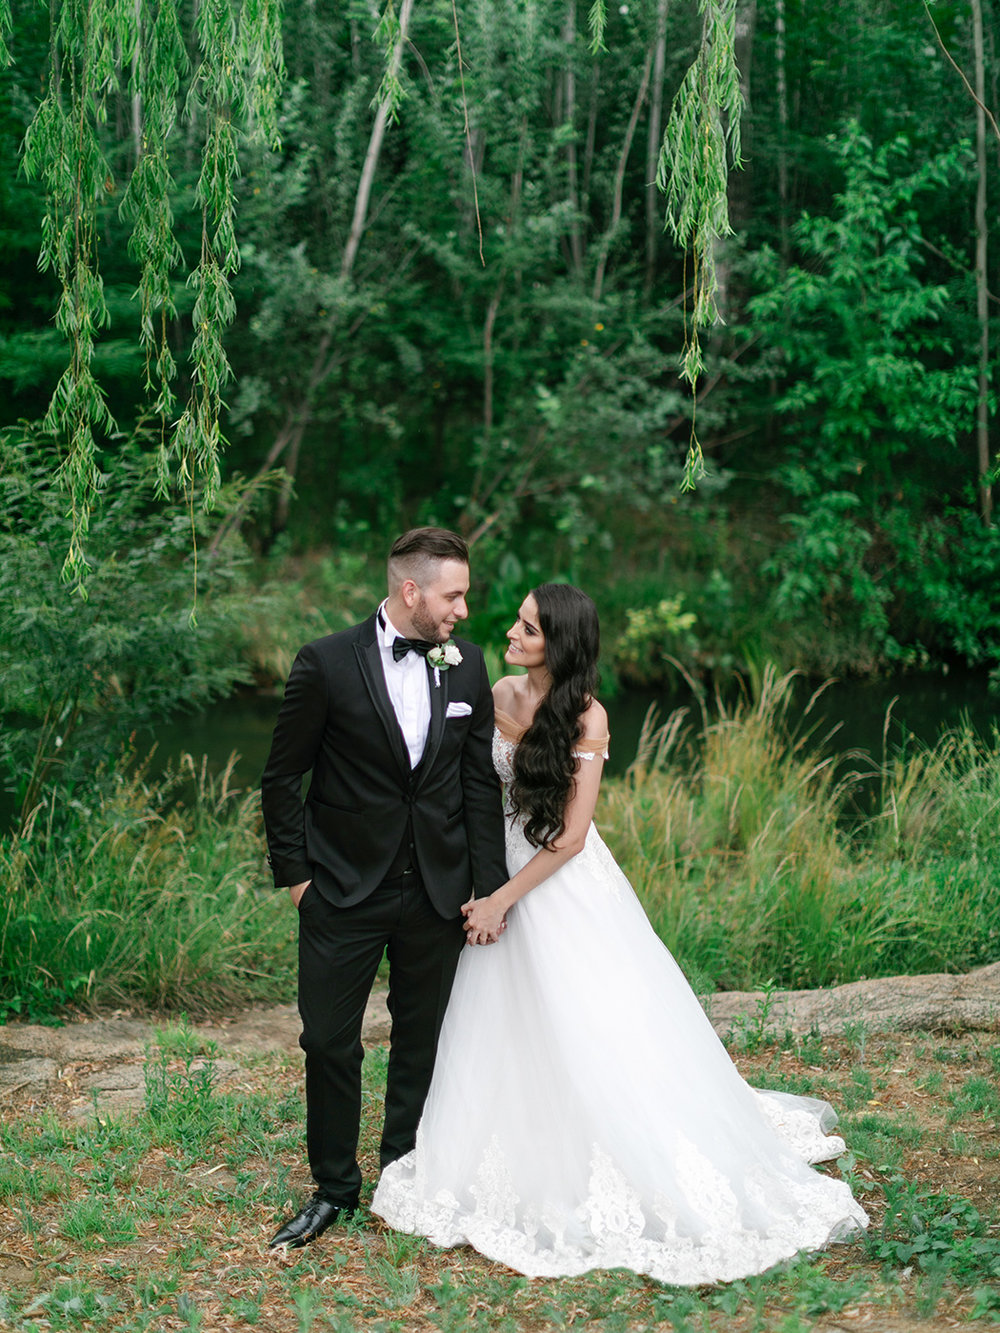 Bride & Groom Poses | Rensche Mari Photography